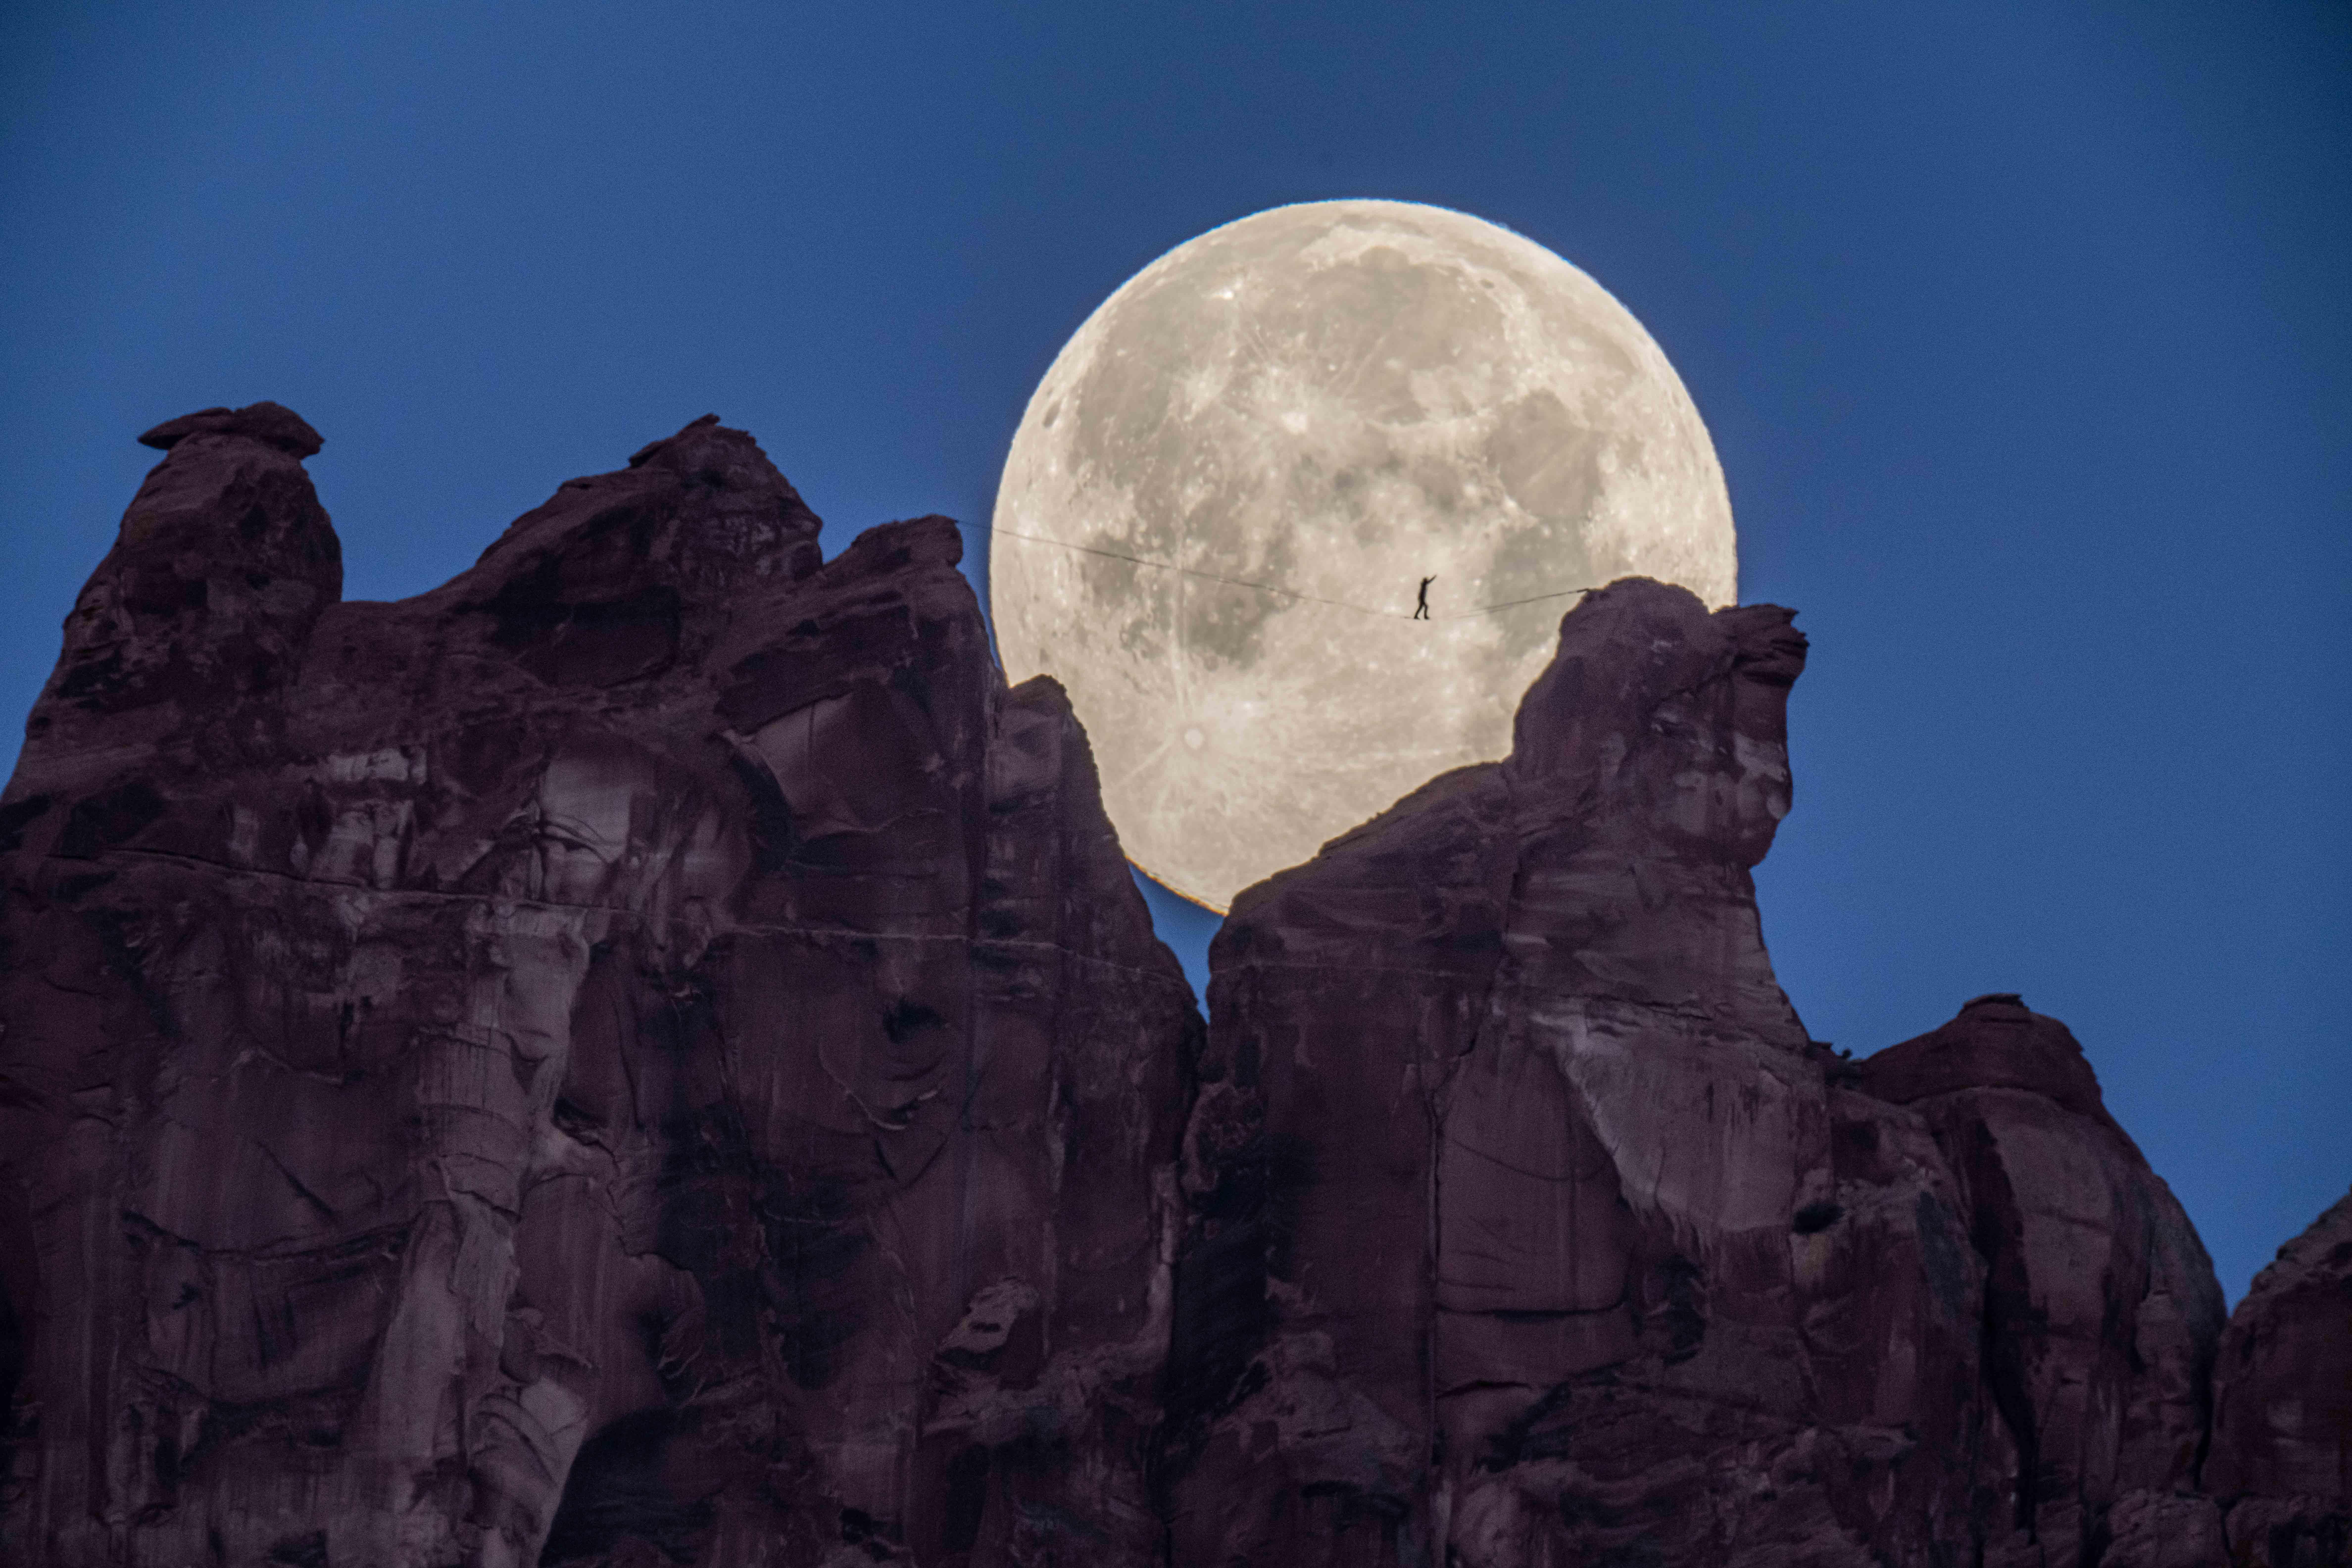 Moonwalk Image